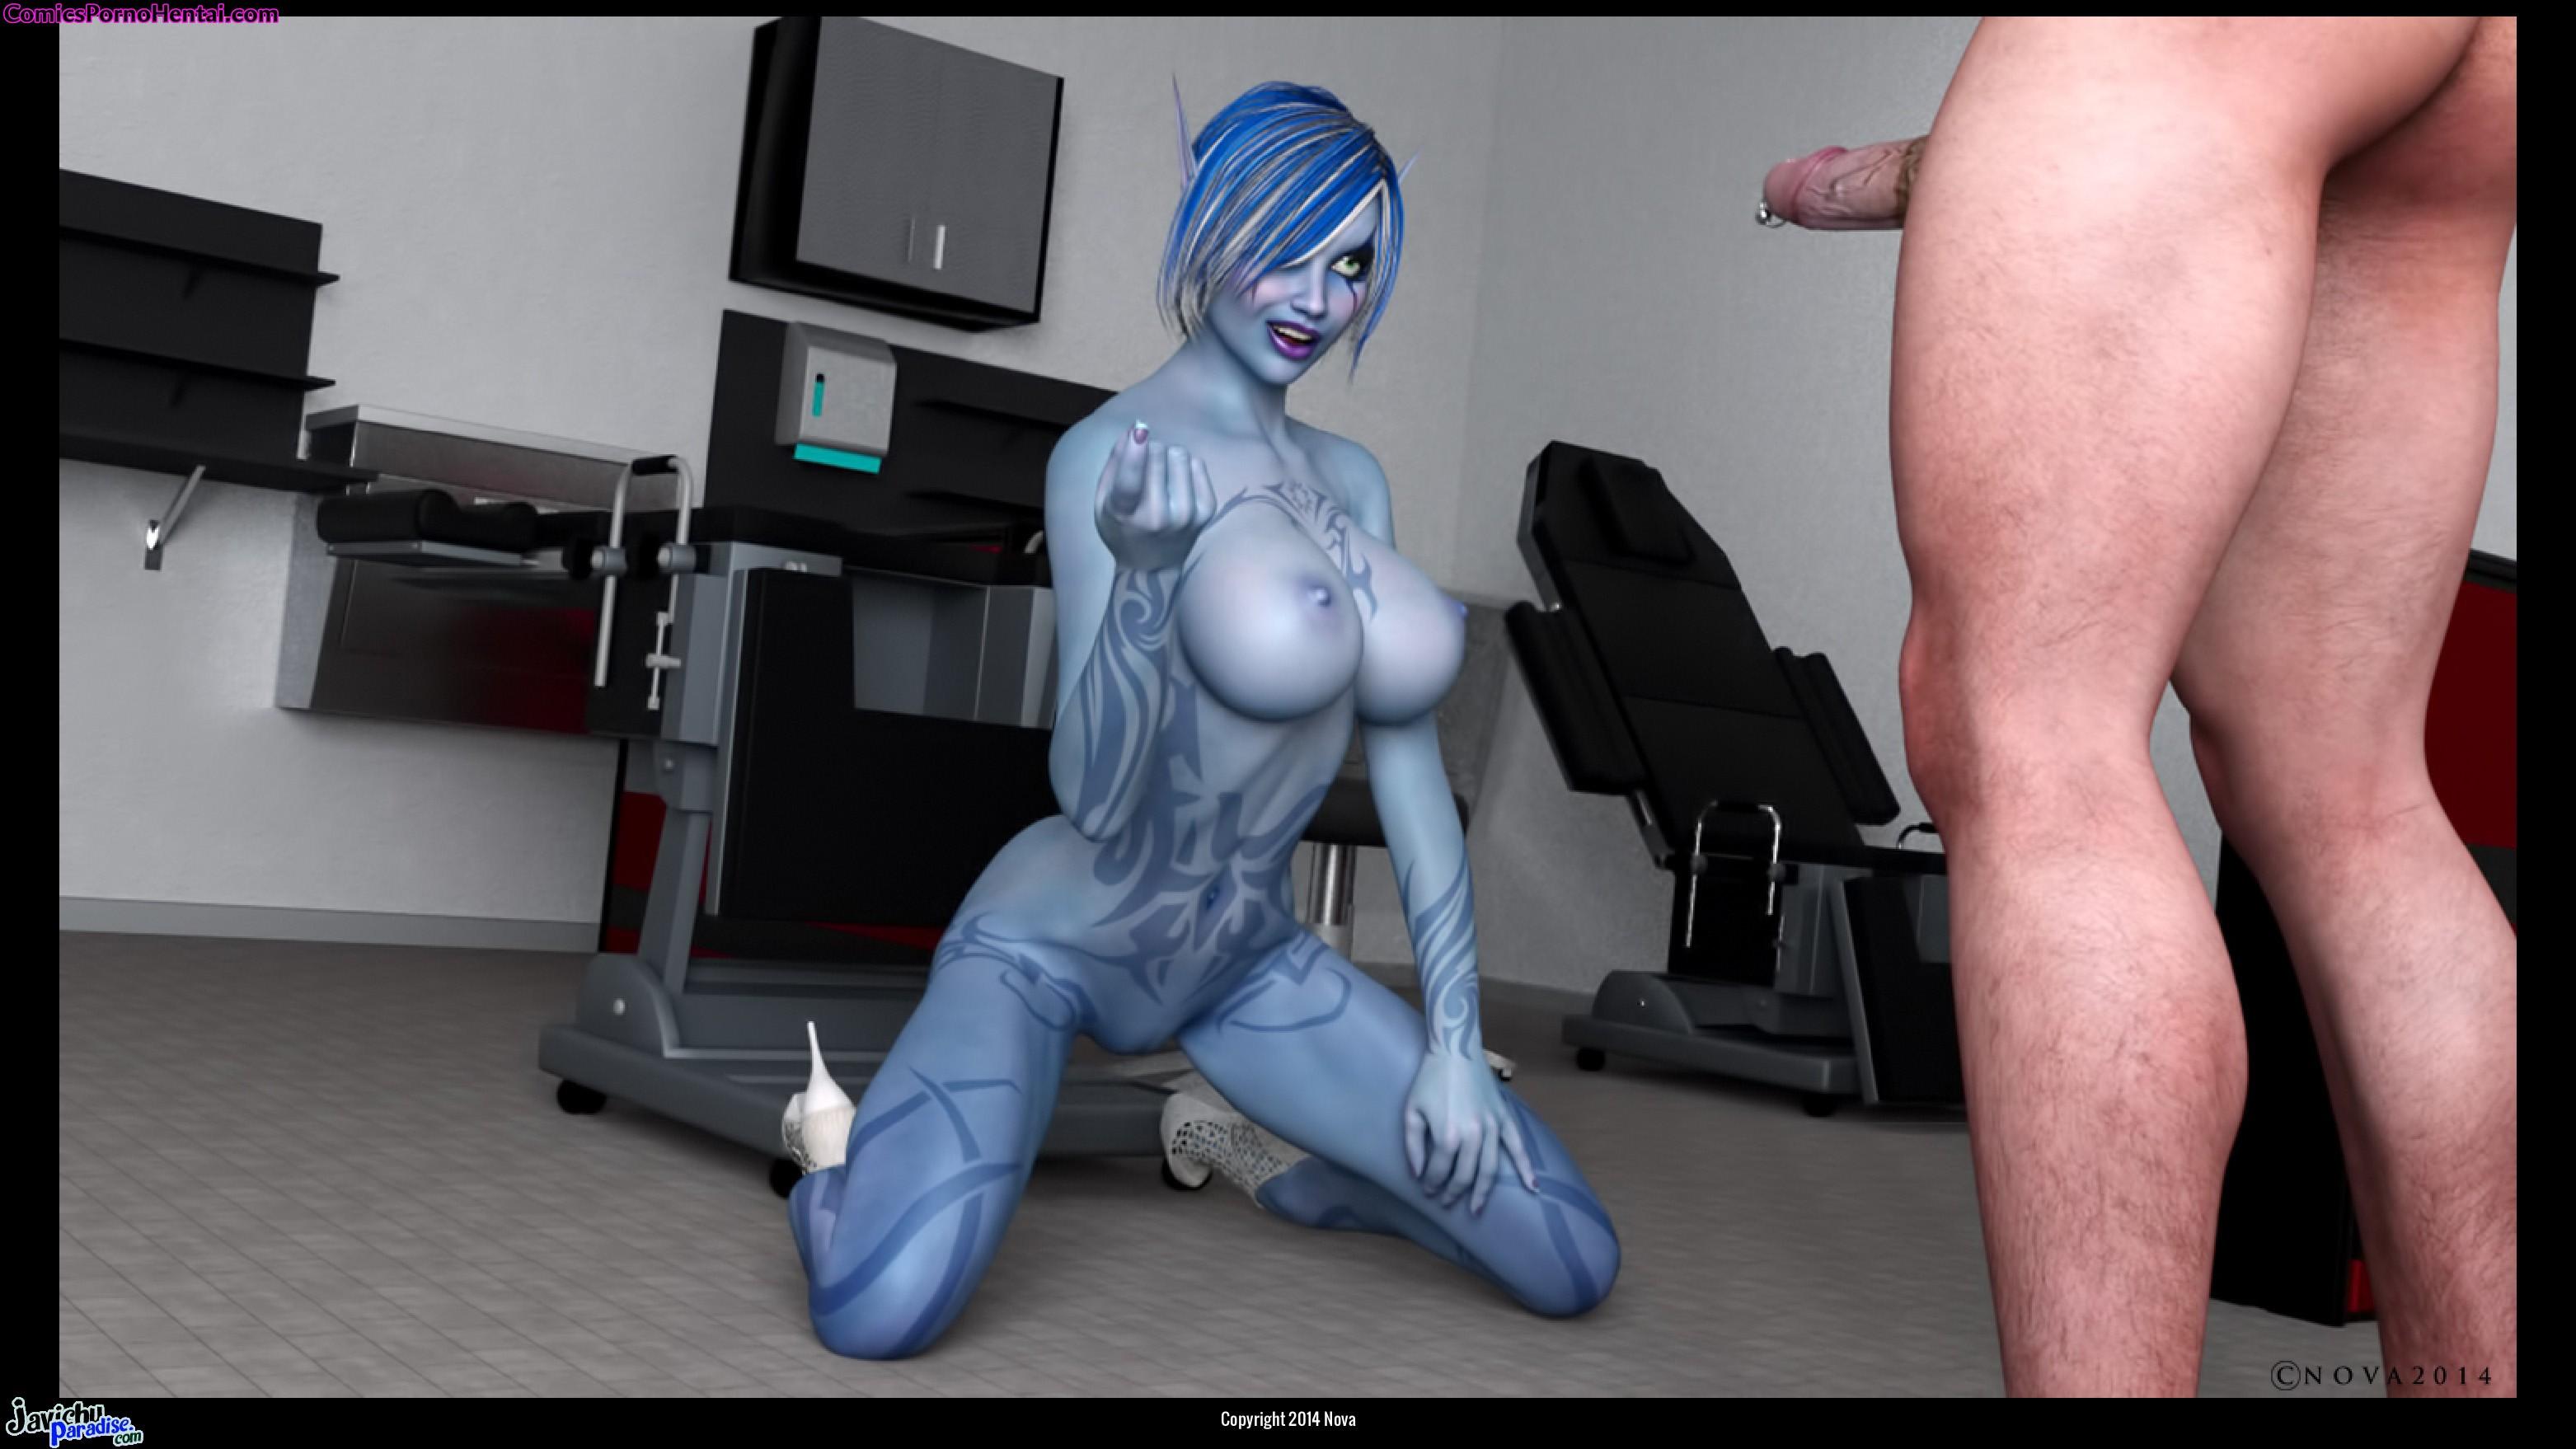 juegos porno 3d archivos - Juegos Porno - Juegos xxx